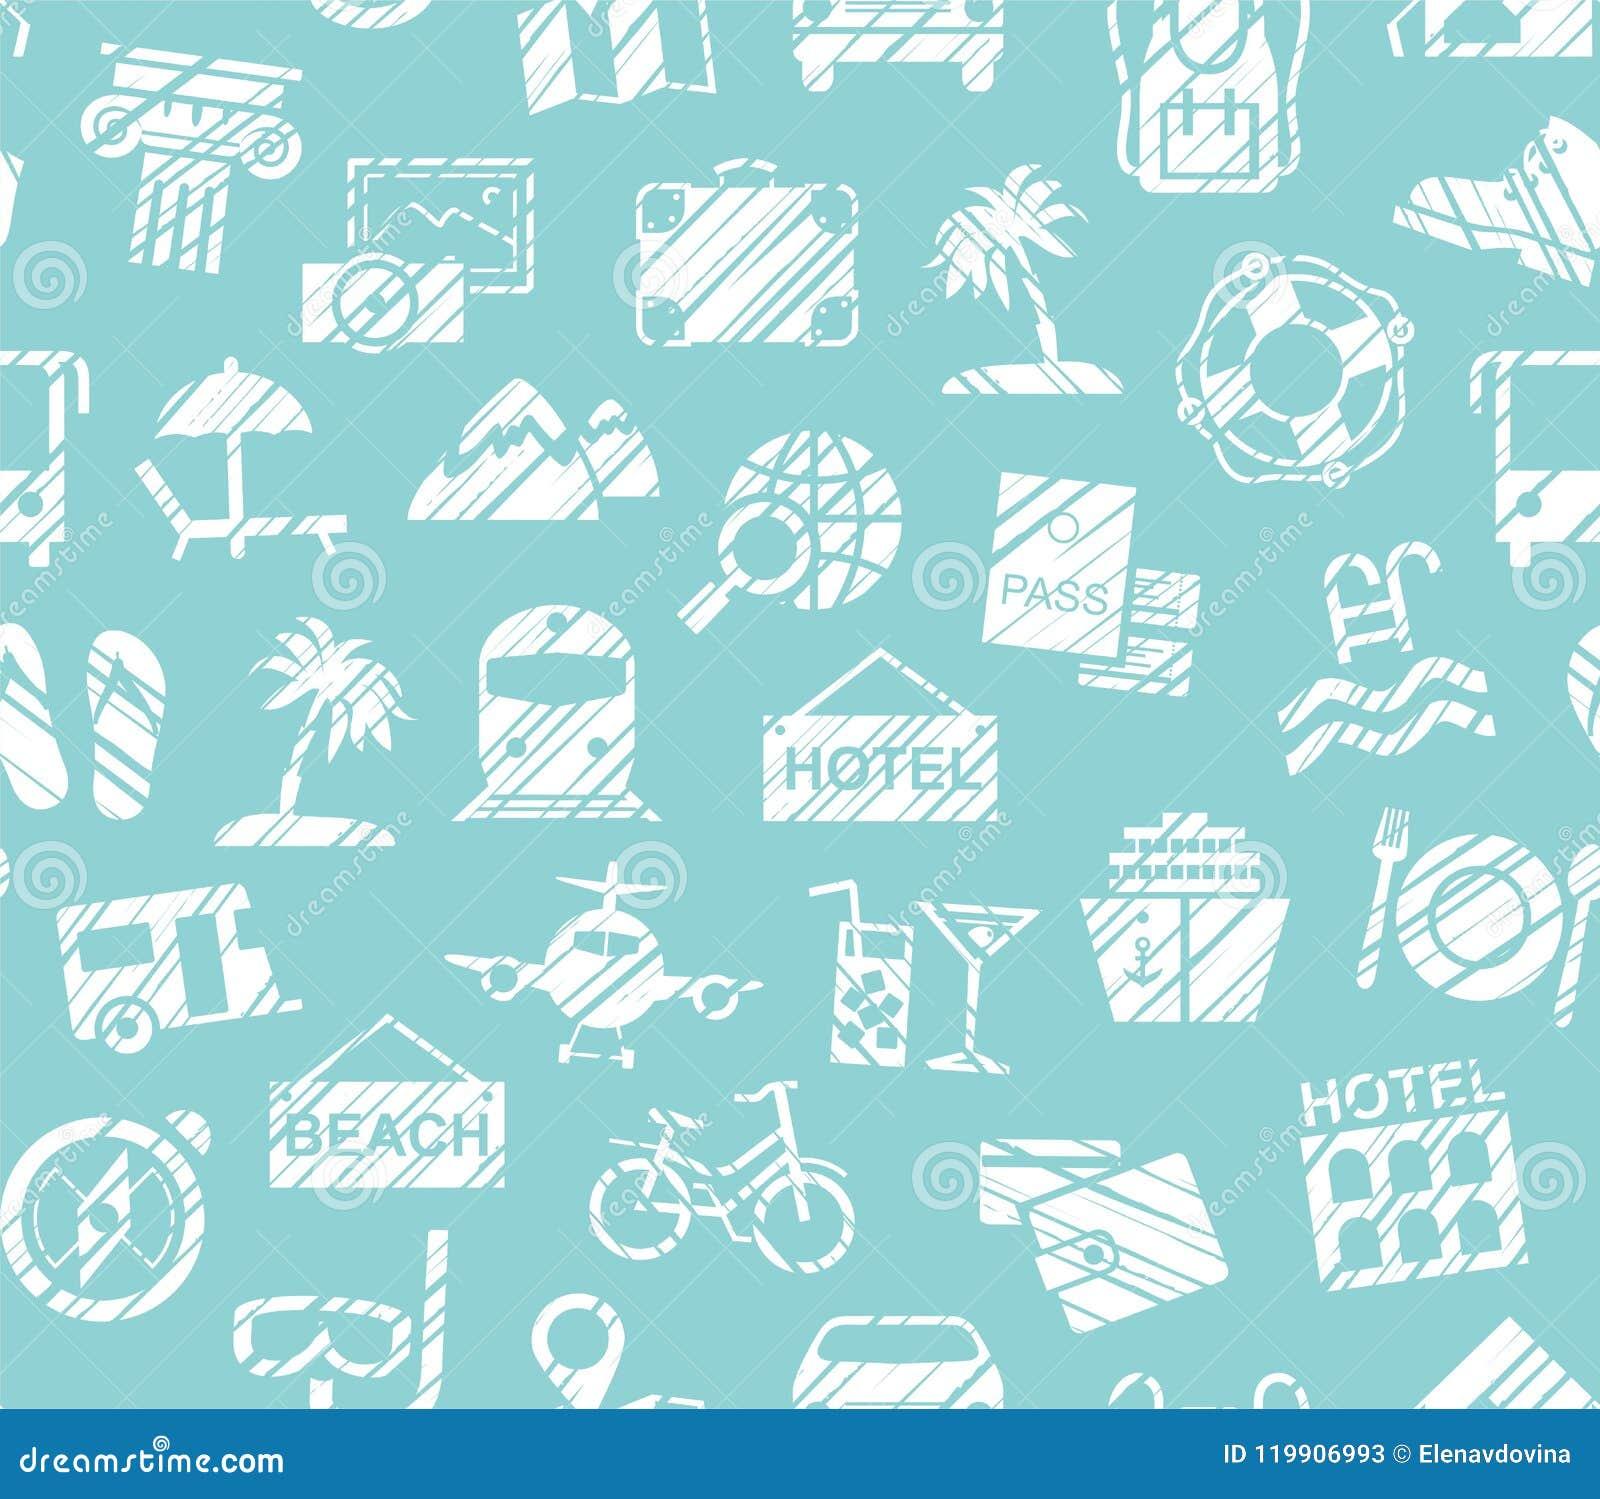 Viaje, Vacaciones, Caminando, Ocio, Modelo Inconsútil, Shading Del ...